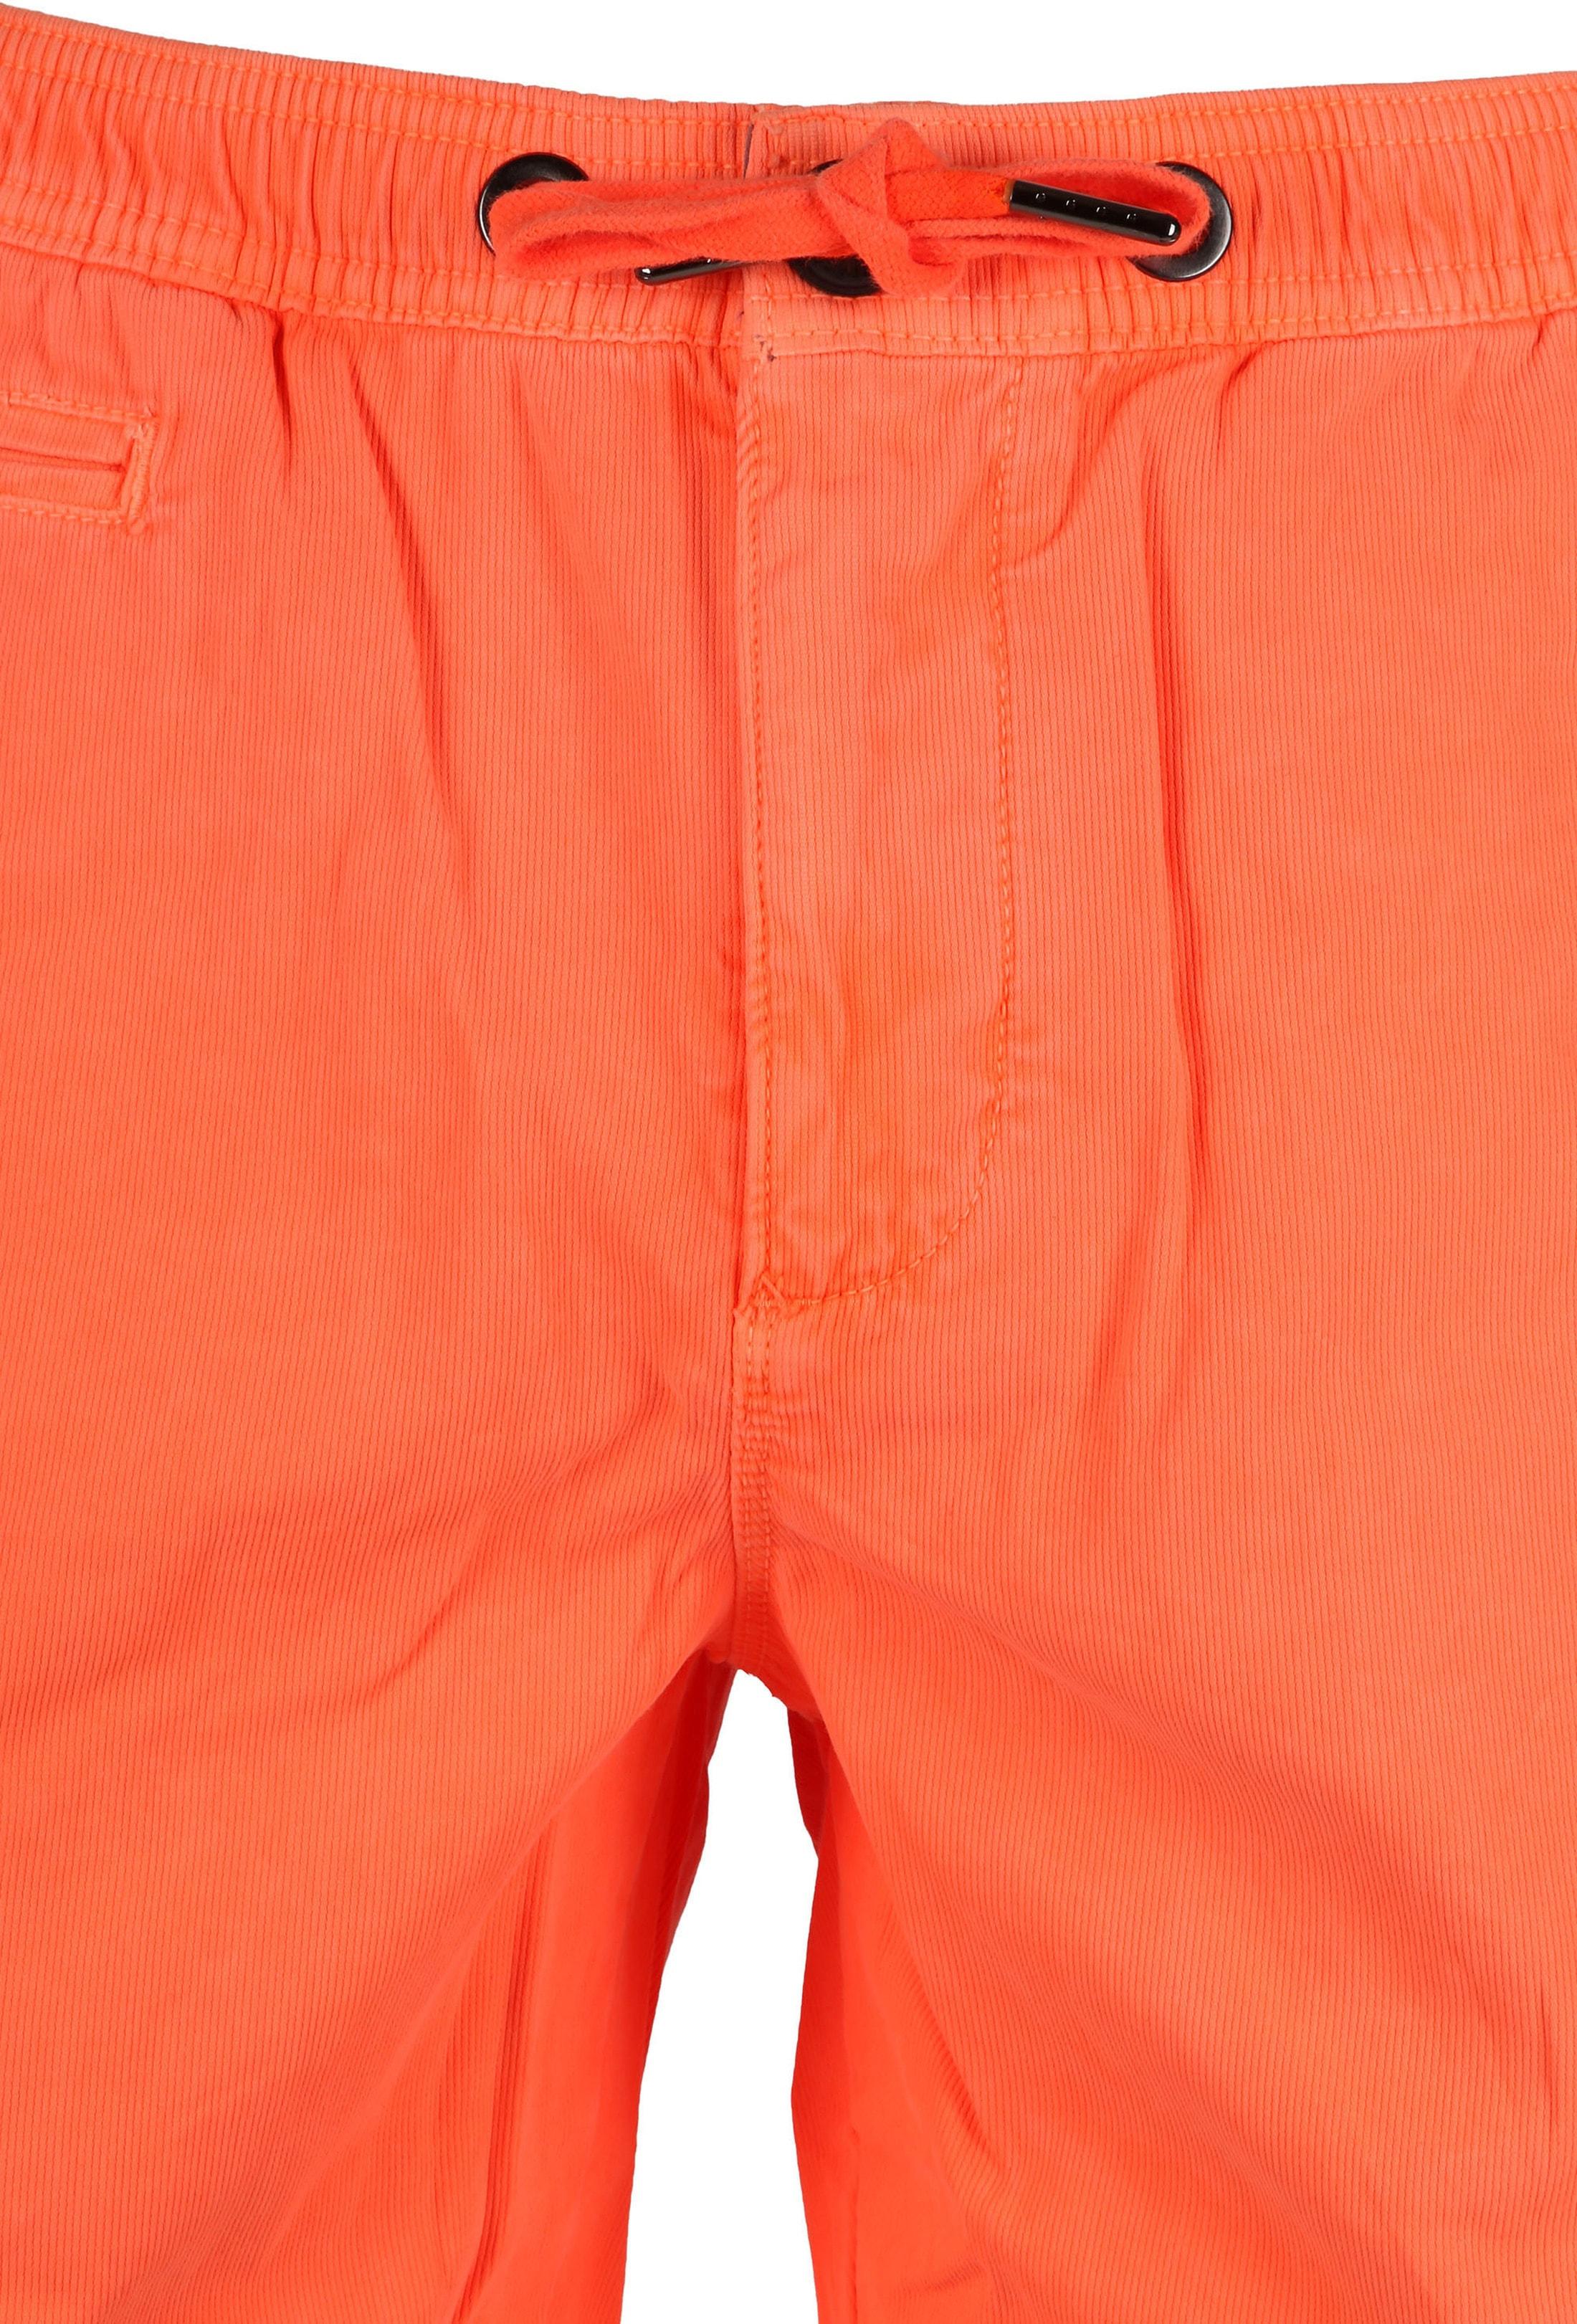 Superdry Sunscorched Short Oranje foto 2